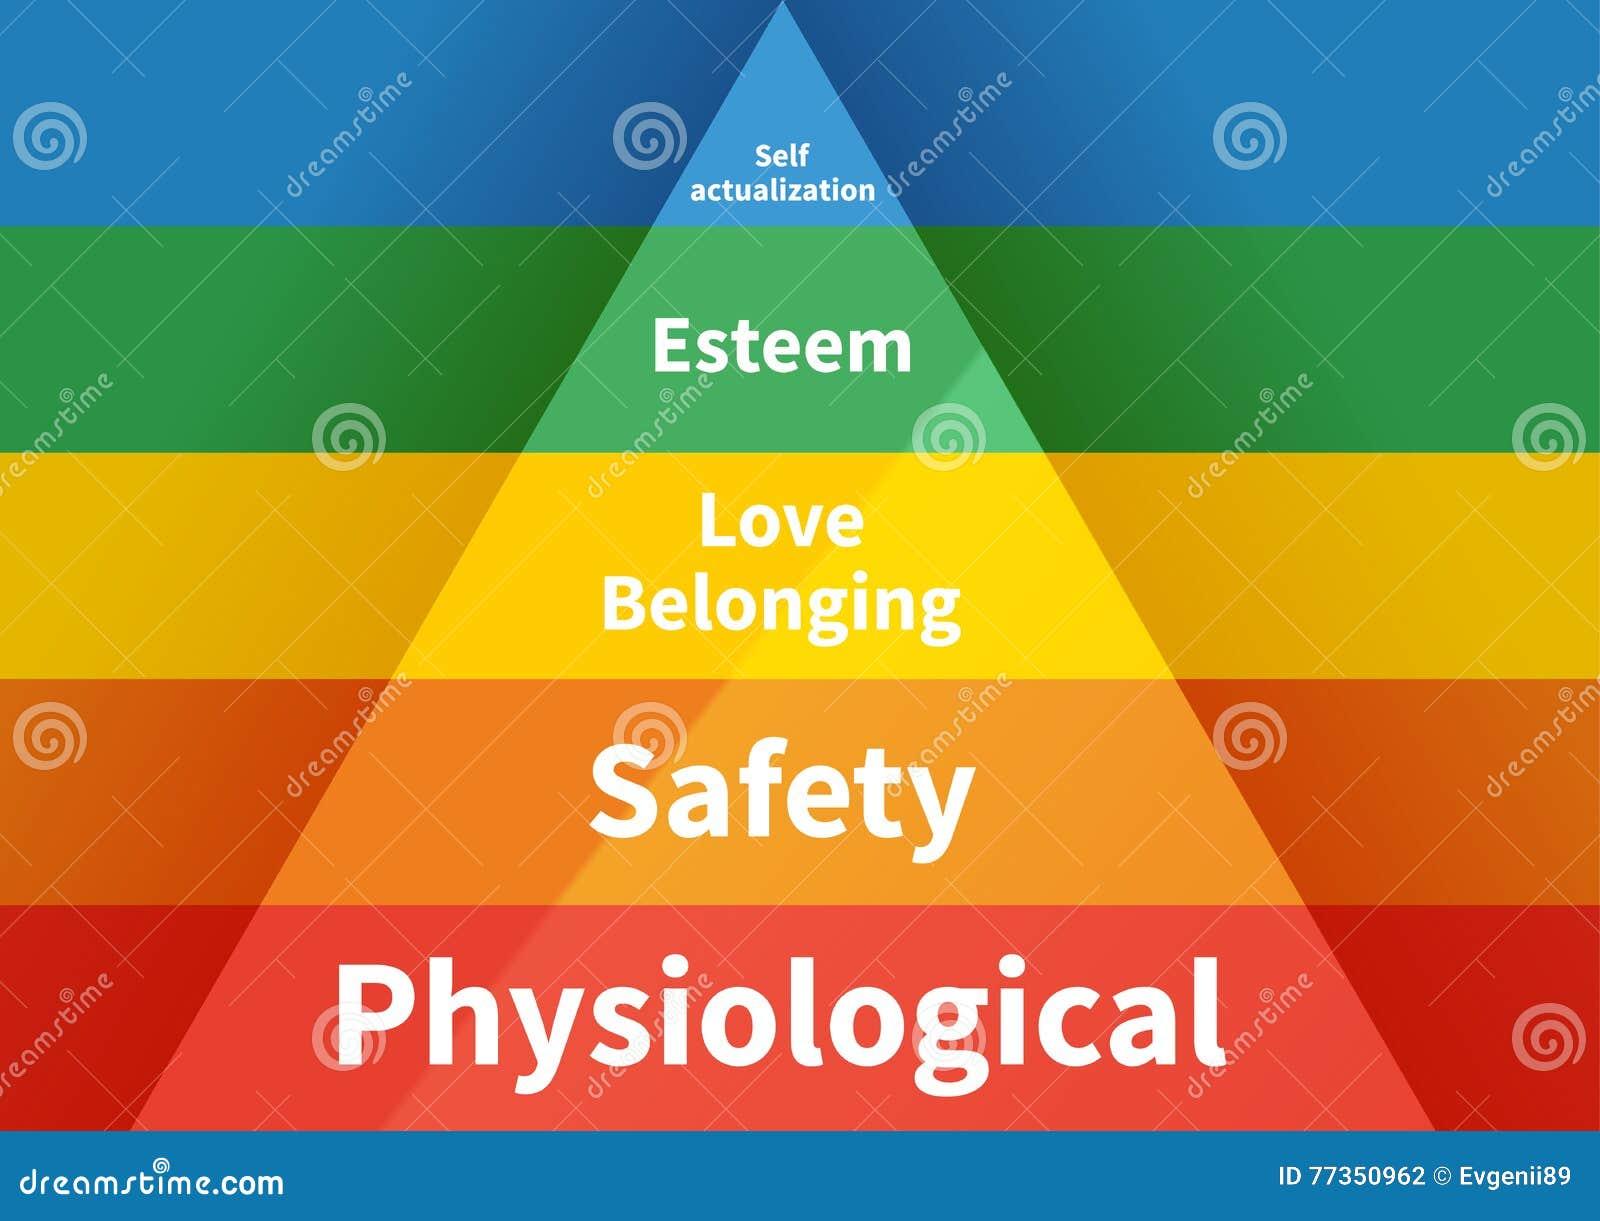 与需要五个水平阶层的马斯洛金字塔